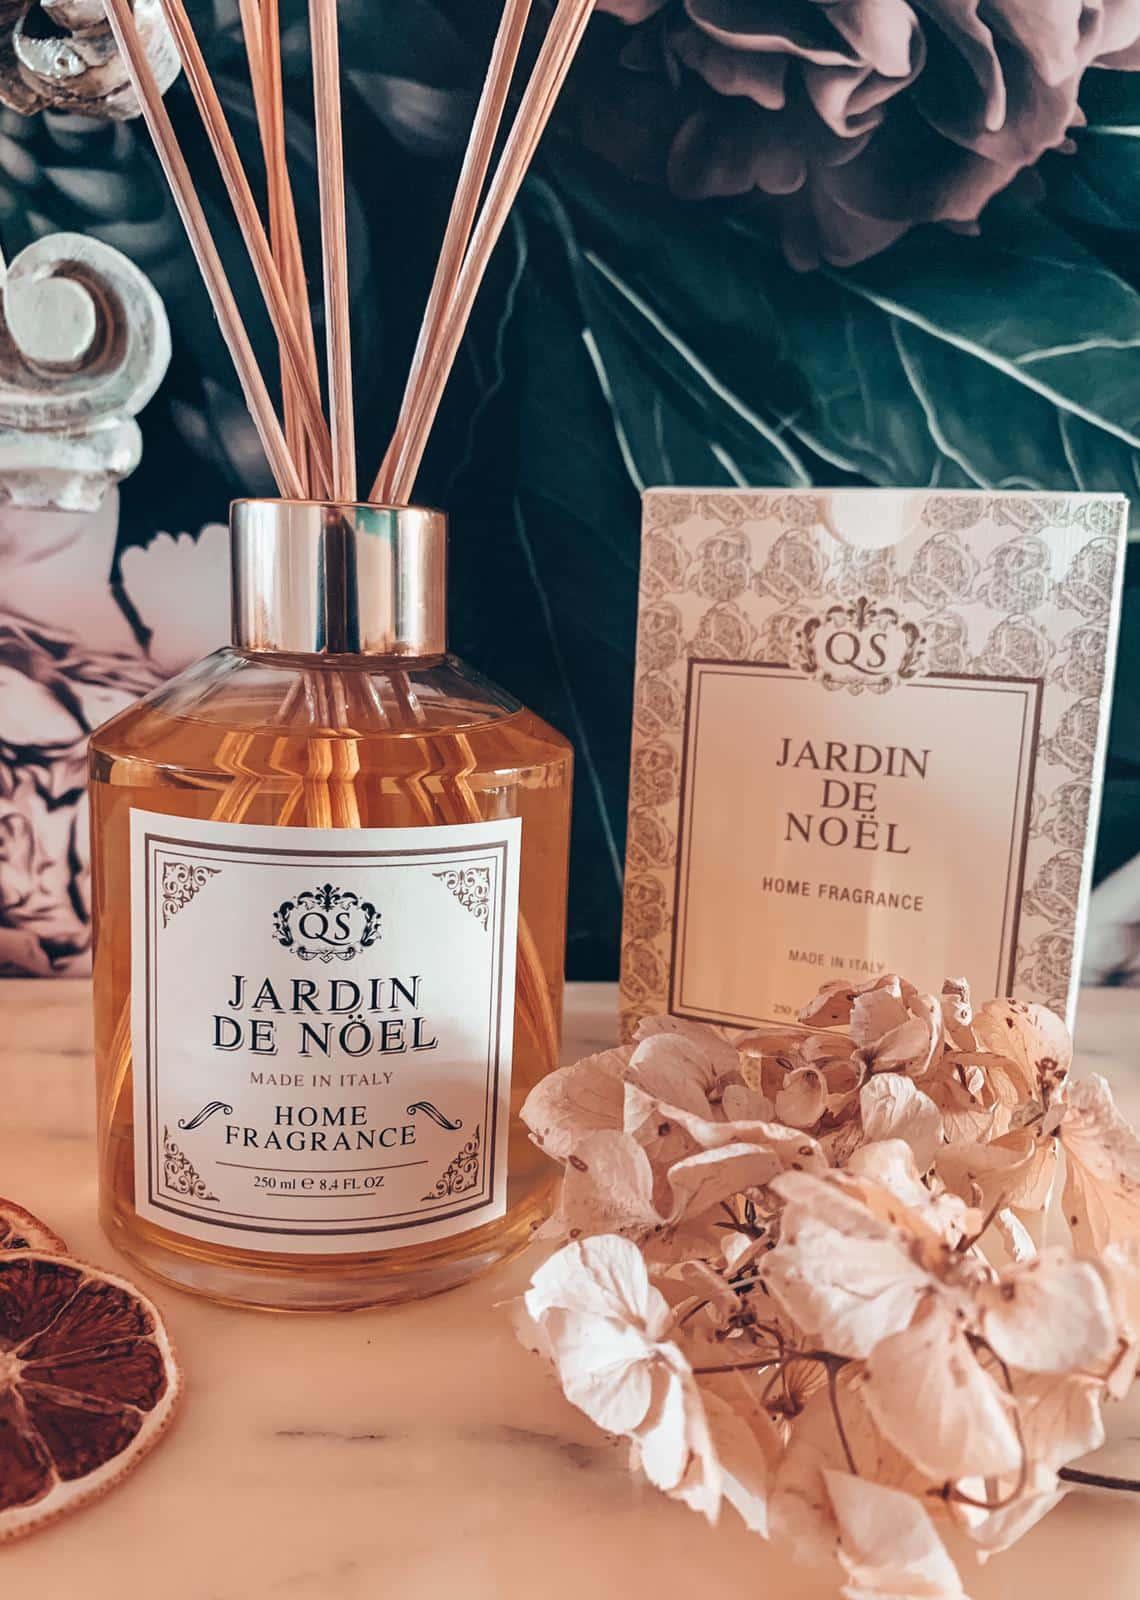 negozio online fragranze jardin de noel profumo casa natale spray